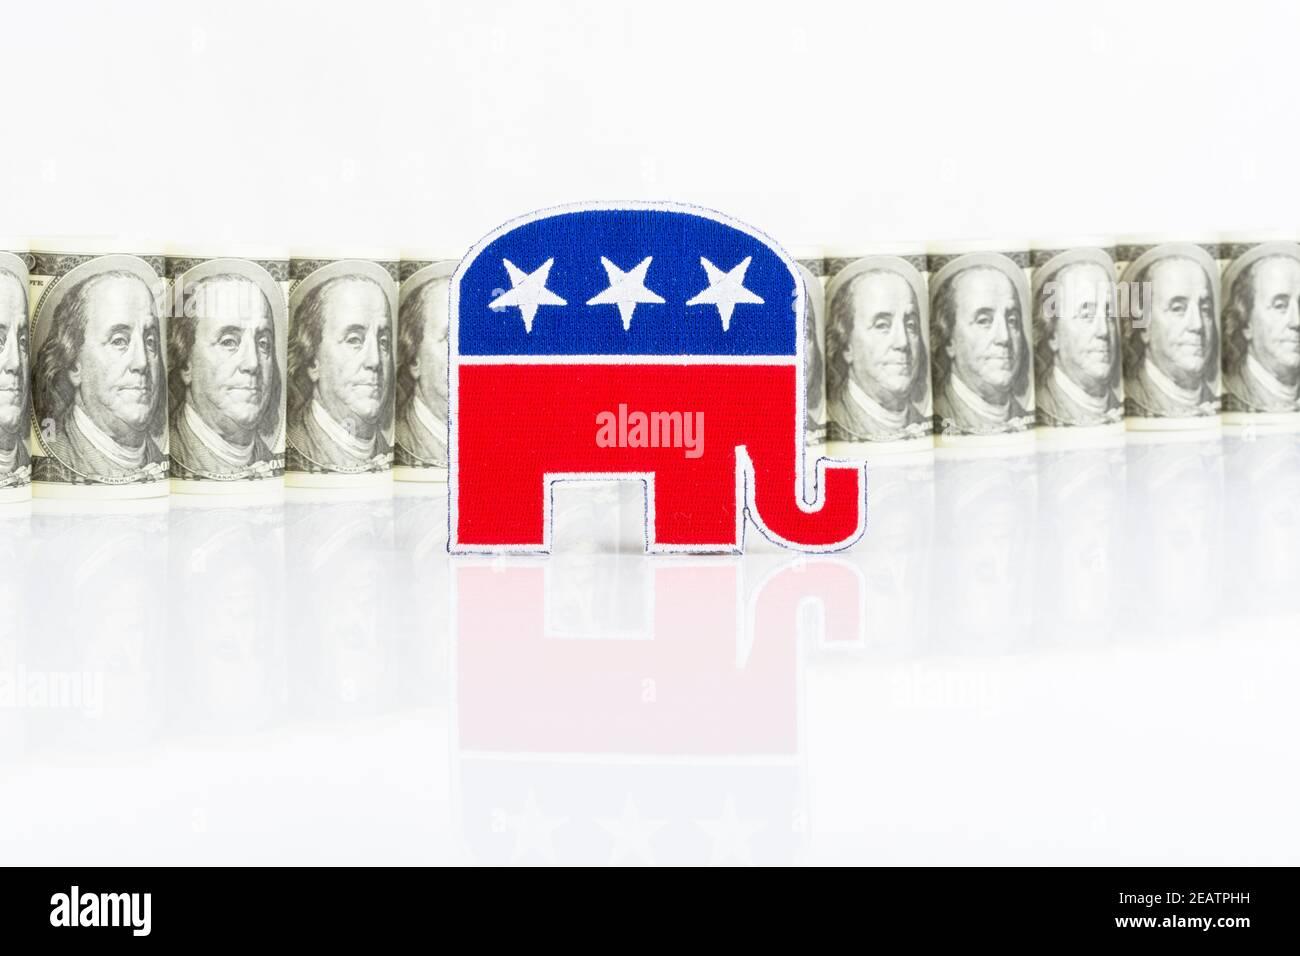 Badge de logo éléphant républicain GOP avec billets en dollars américains (bons exemplaires de formation). Pour la collecte de fonds politiques aux États-Unis et les fonds de la campagne républicaine PAC Banque D'Images